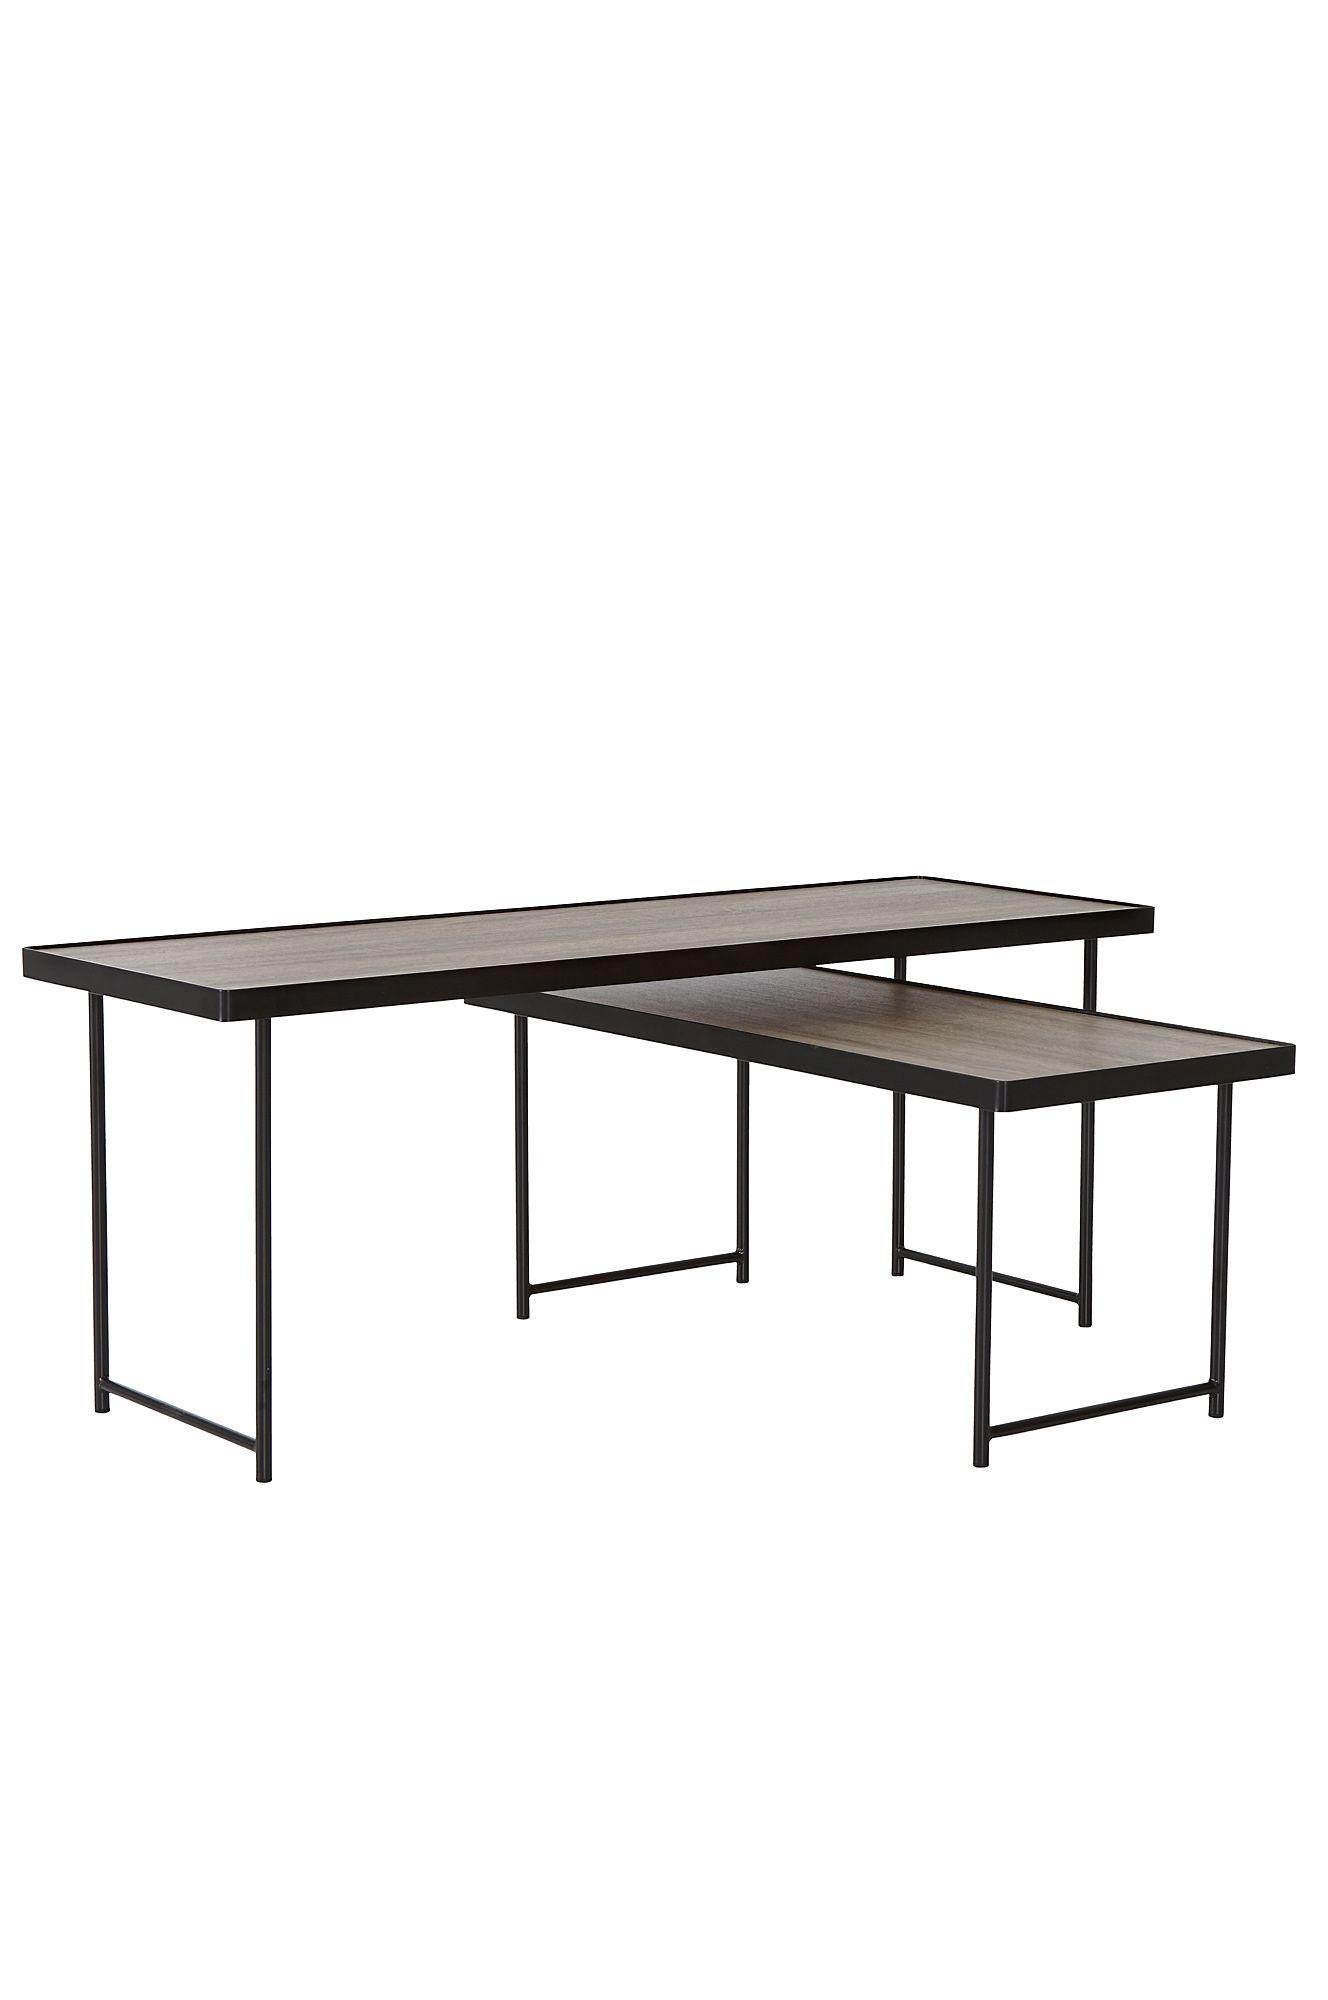 Ellos Home Milano-sohvapöydät, 2/pakk. väreissä Puunvärinen/musta kategoria Koti - Sohvapöydät - Ellos